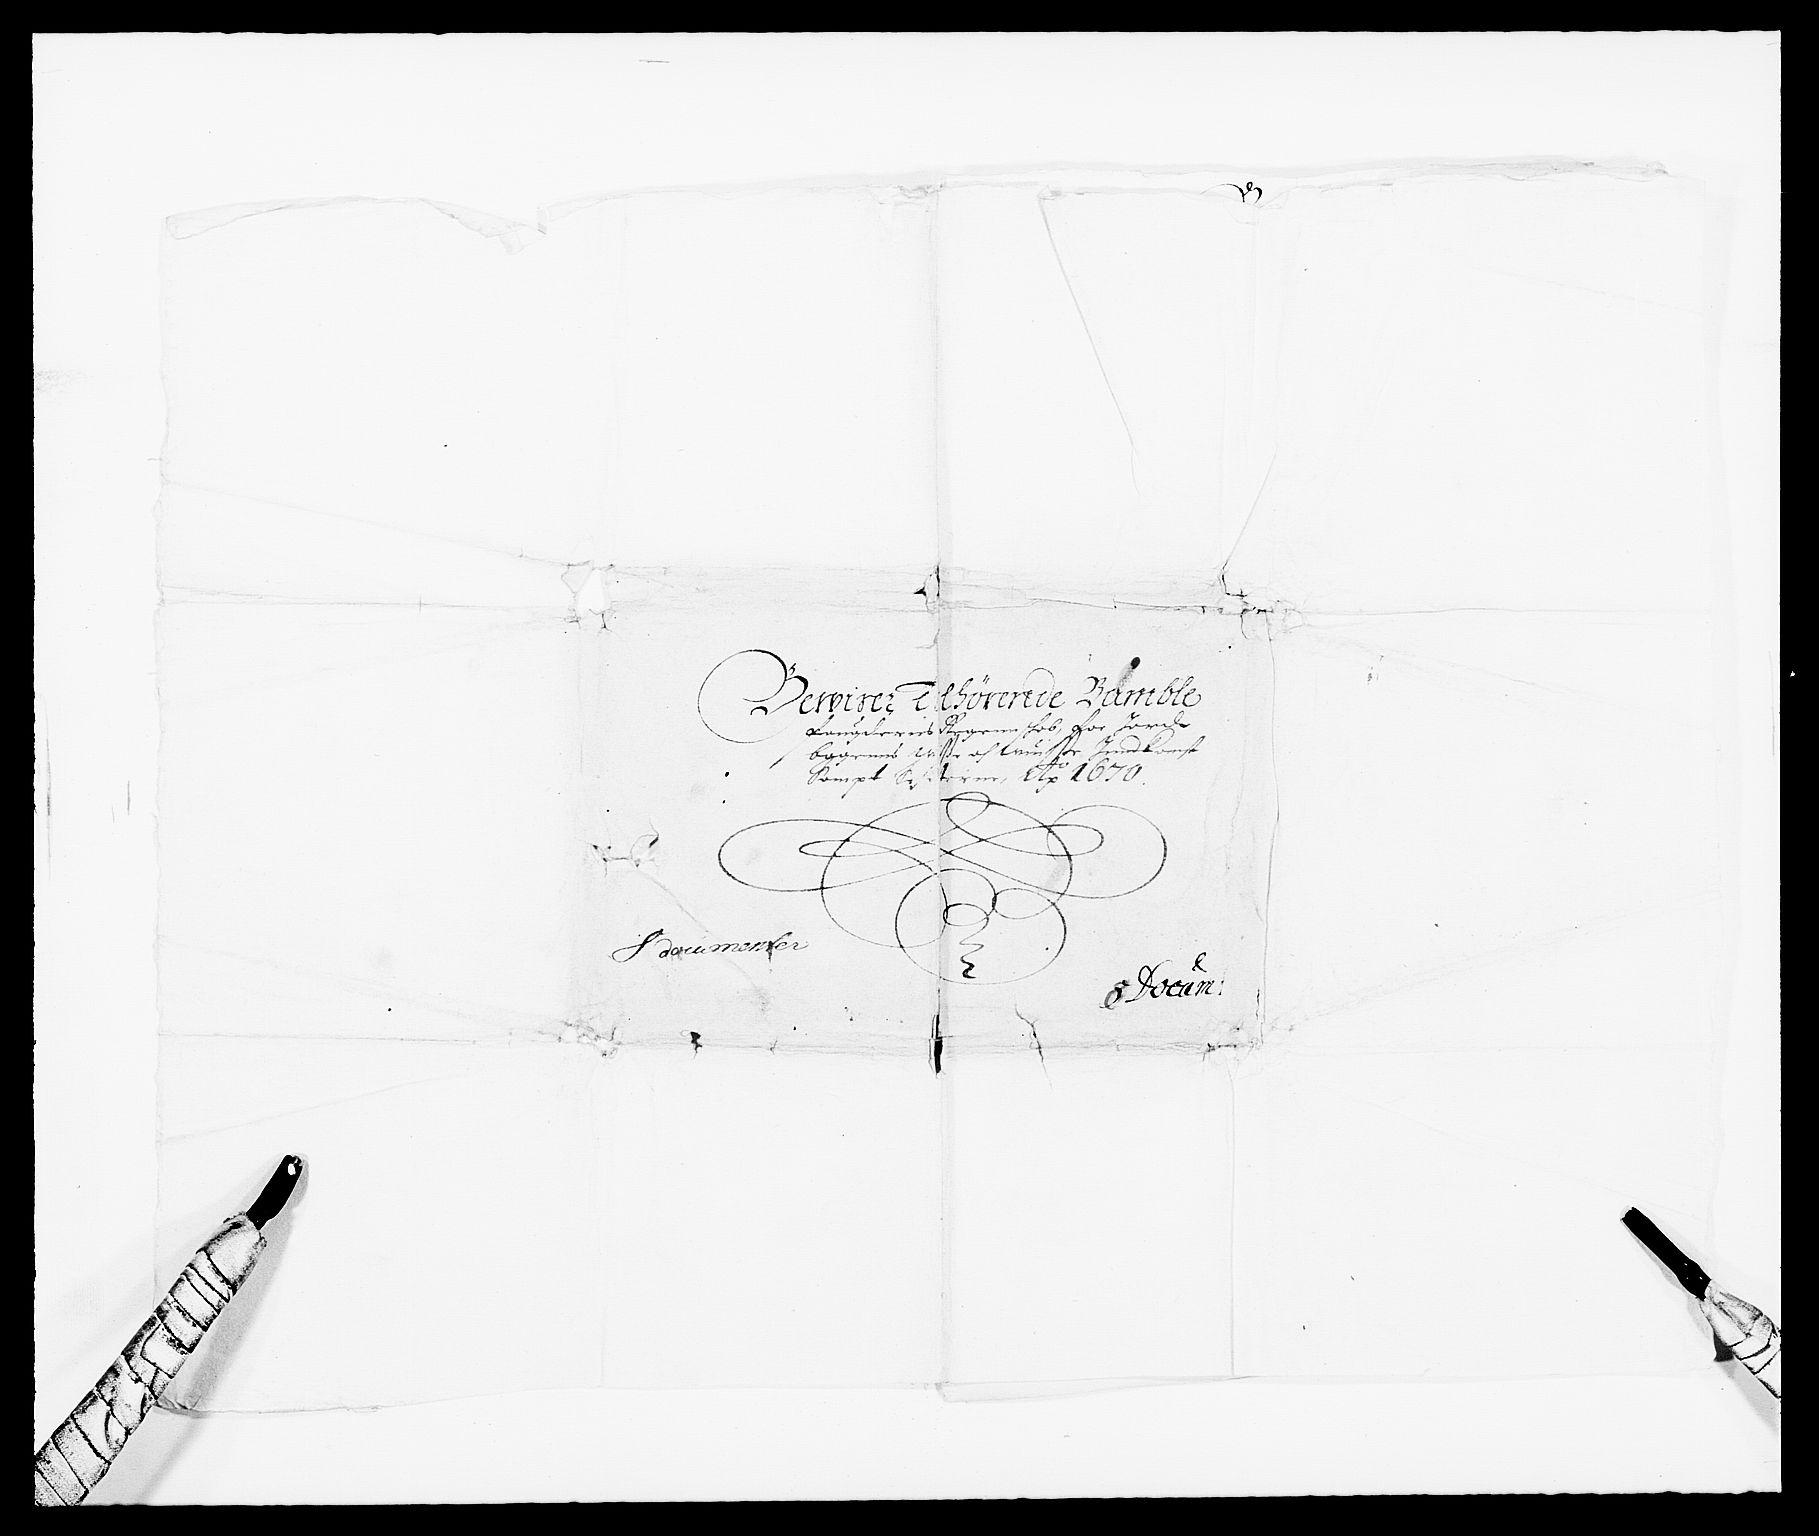 RA, Rentekammeret inntil 1814, Reviderte regnskaper, Fogderegnskap, R34/L2041: Fogderegnskap Bamble, 1670-1672, s. 121